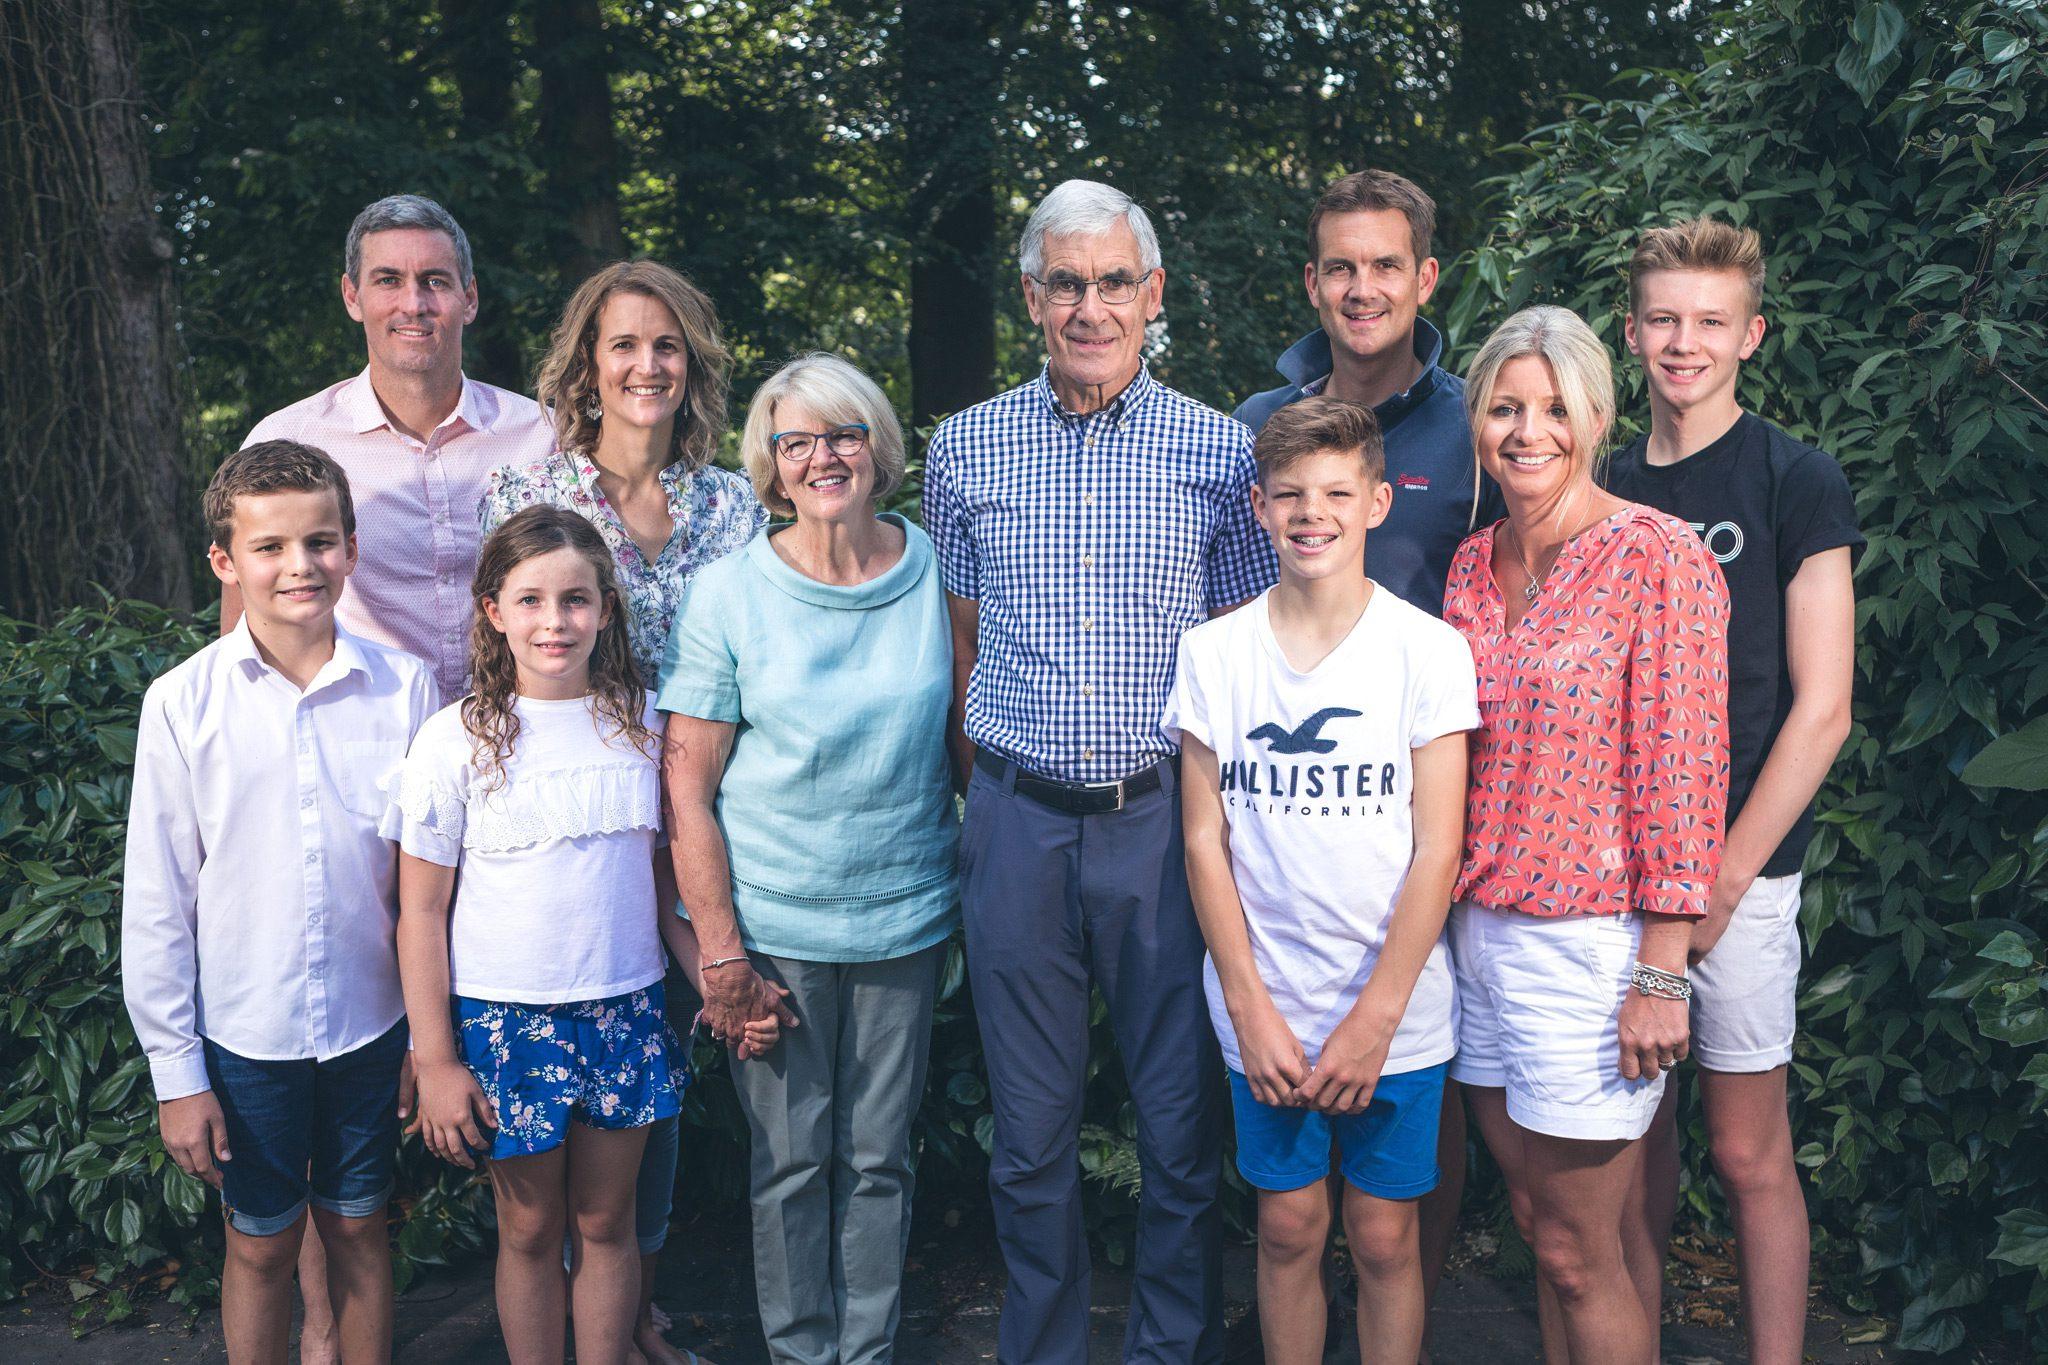 Derbyshire Family Shoot